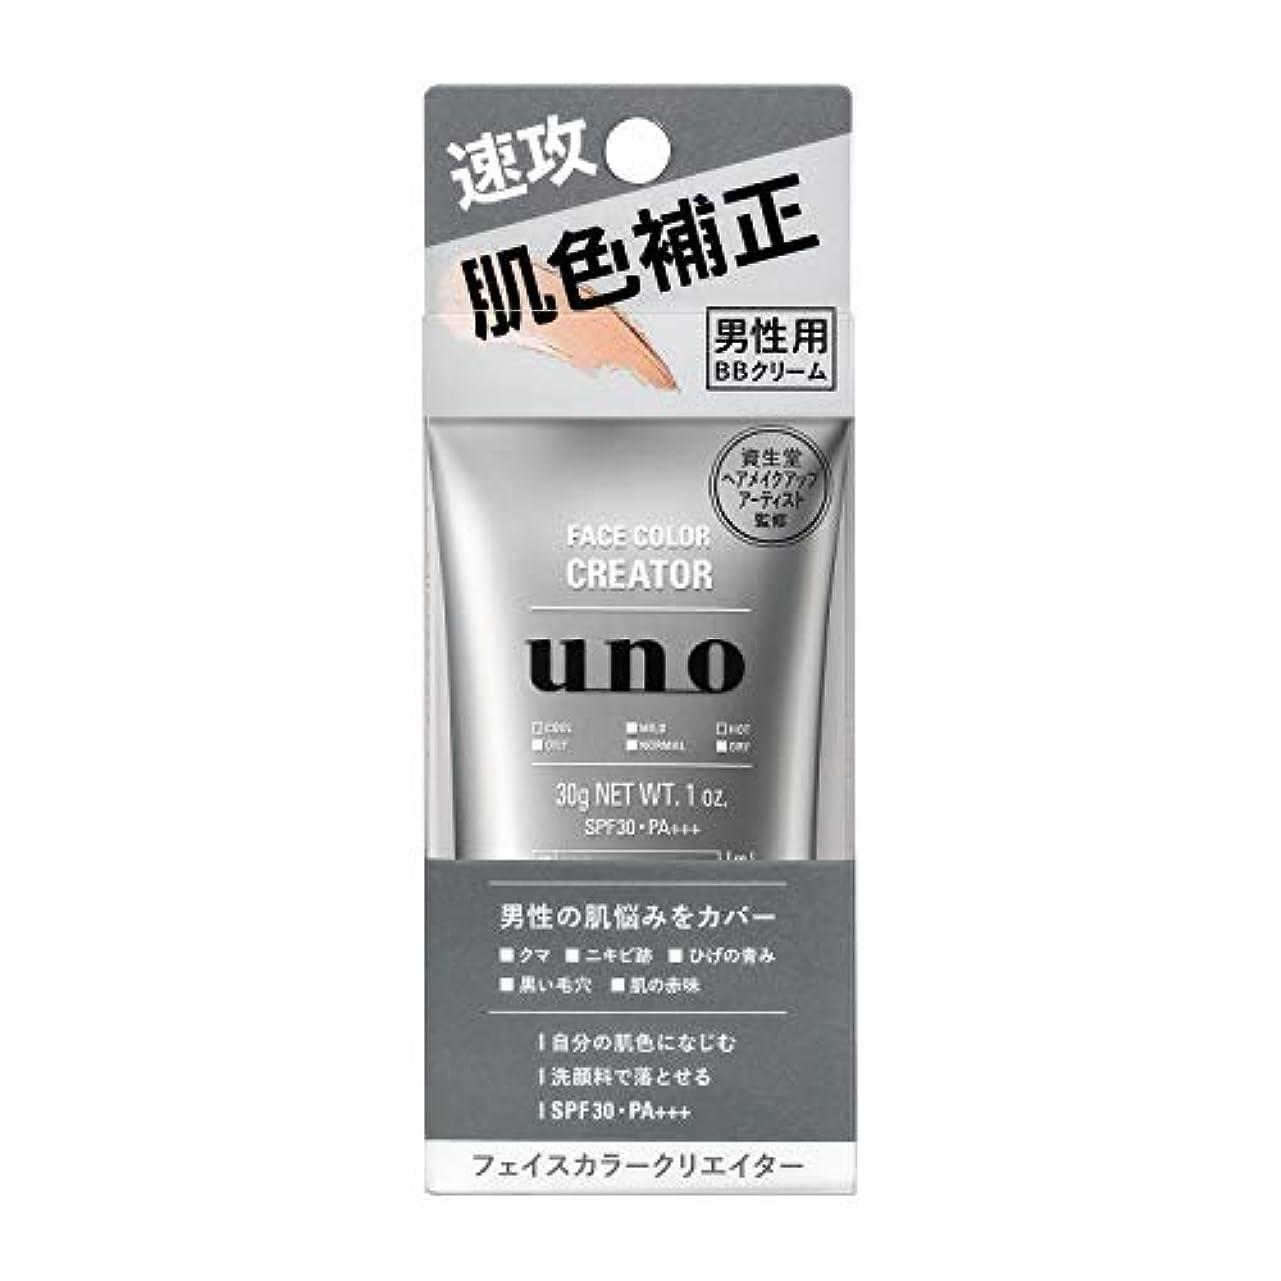 最高前方へ構成員UNO(ウーノ)フェイスカラークリエイター BBクリーム メンズ SPF30 PA+++ 30g